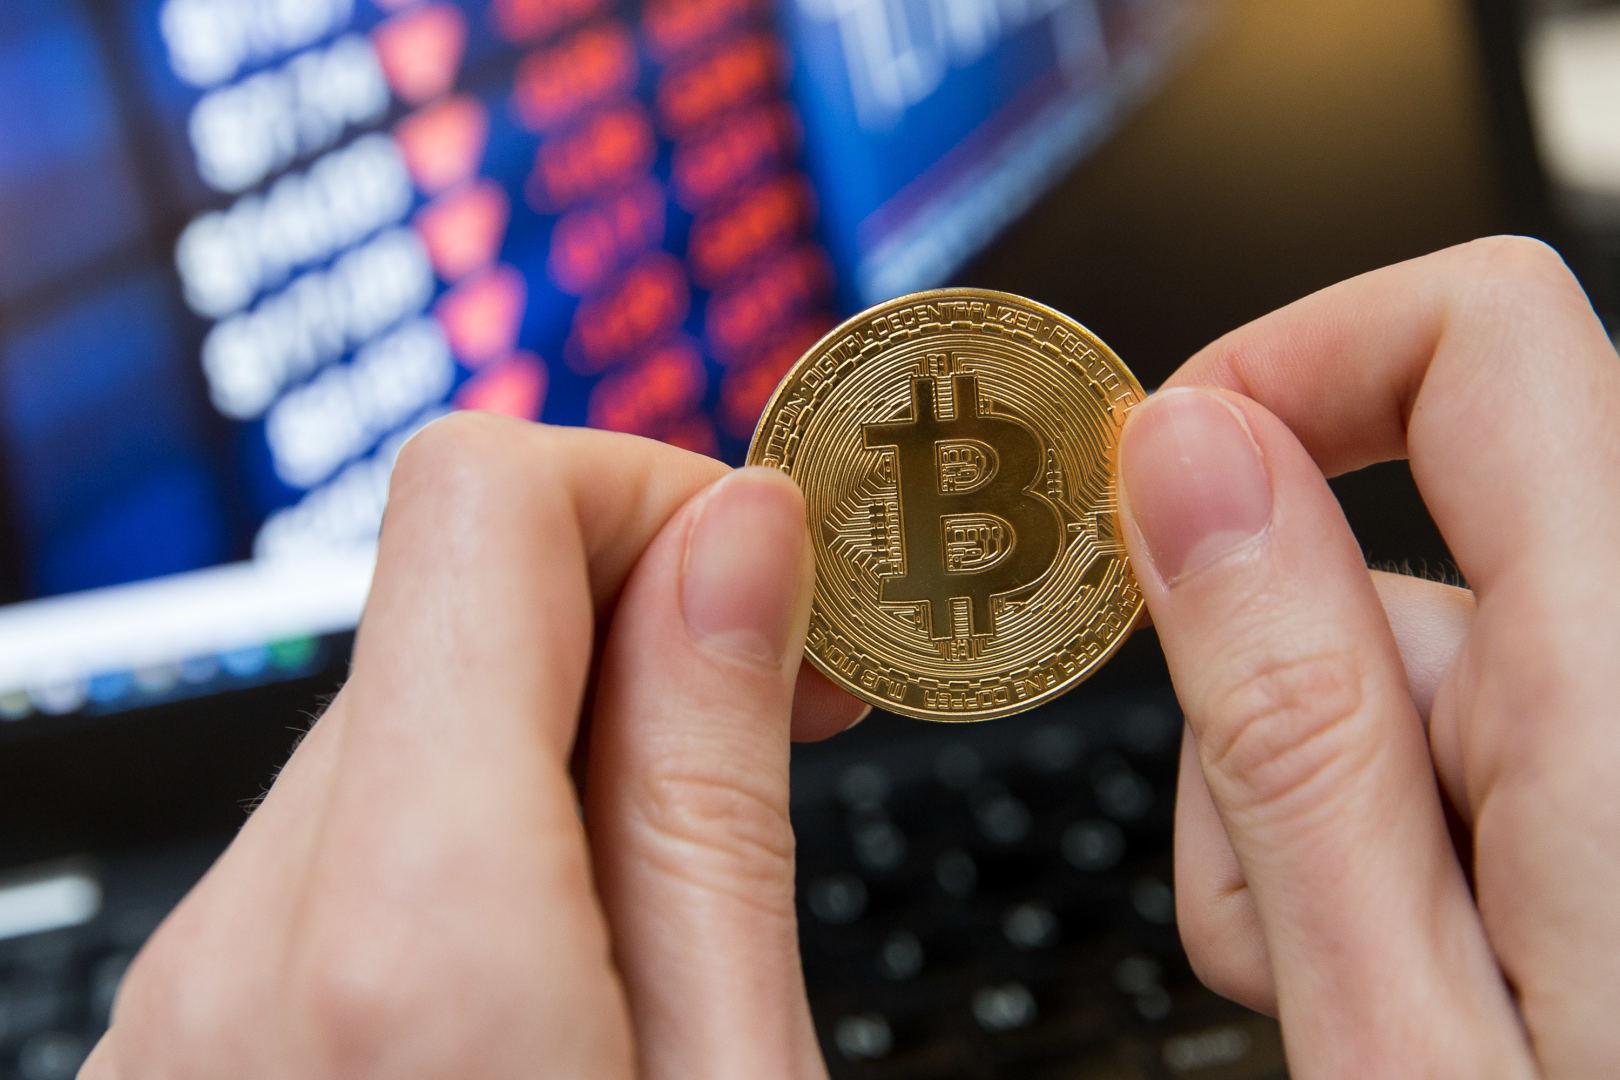 kas yra geresnis investicinis bitkoinas ar monero australijos dvejetainiai prekybos įmonės